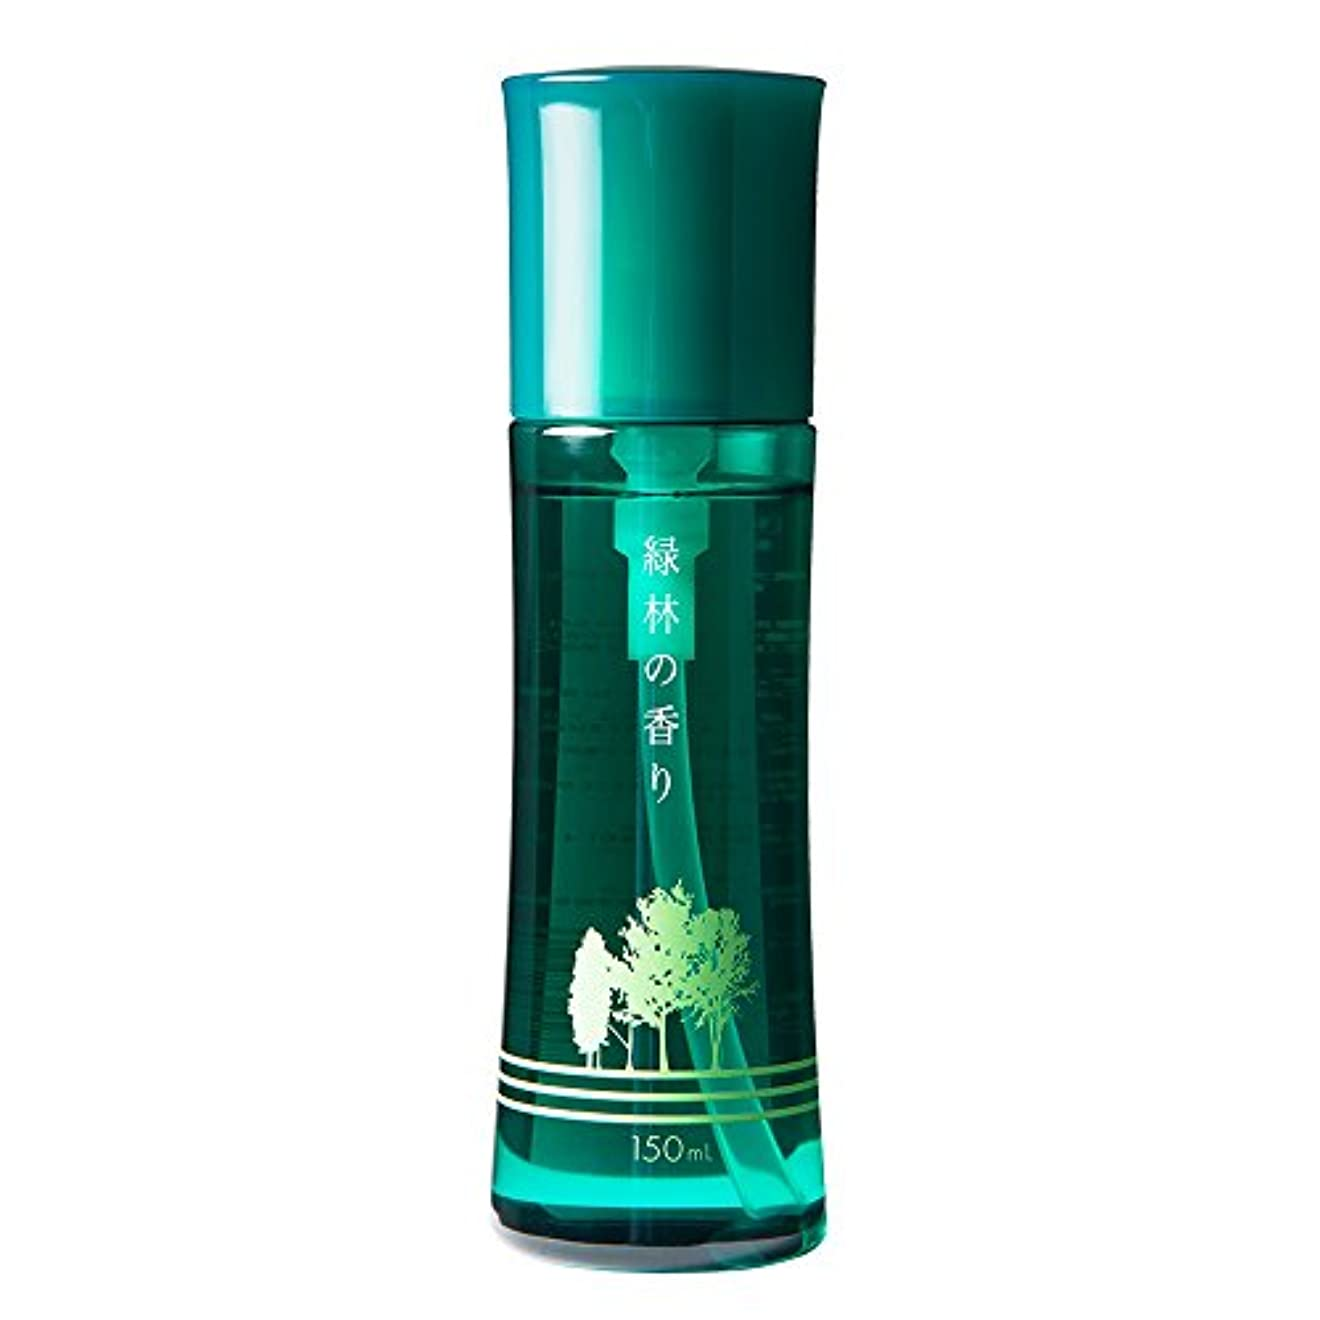 君主リマ時間とともに芳香剤「緑林の香り(みどりの香り)」150mL 日本予防医薬